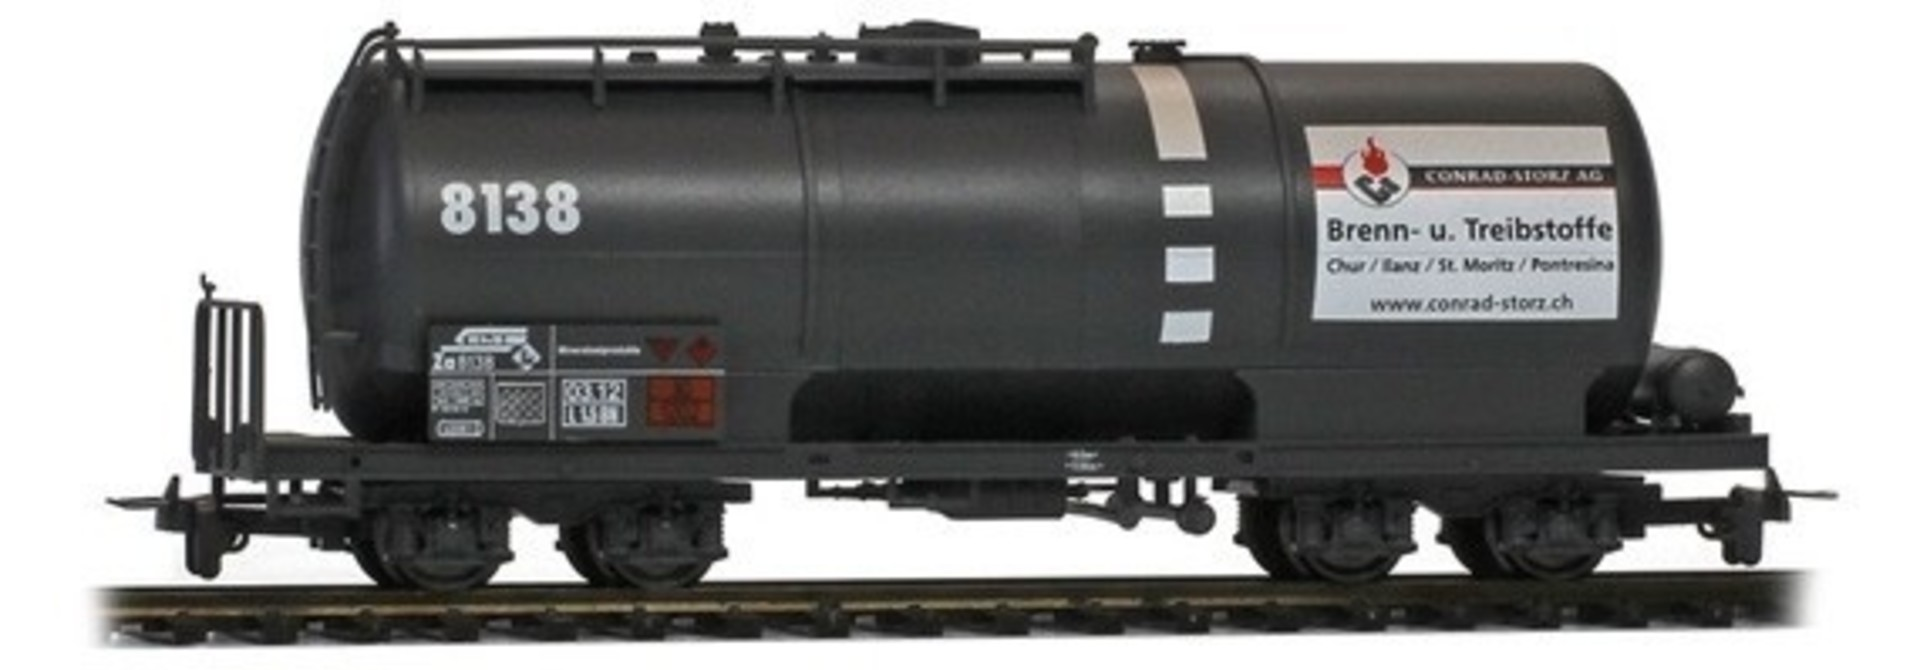 """2285138 RhB Za 8138 Kesselwagen mit Plakat """"Conrad-Storz"""""""